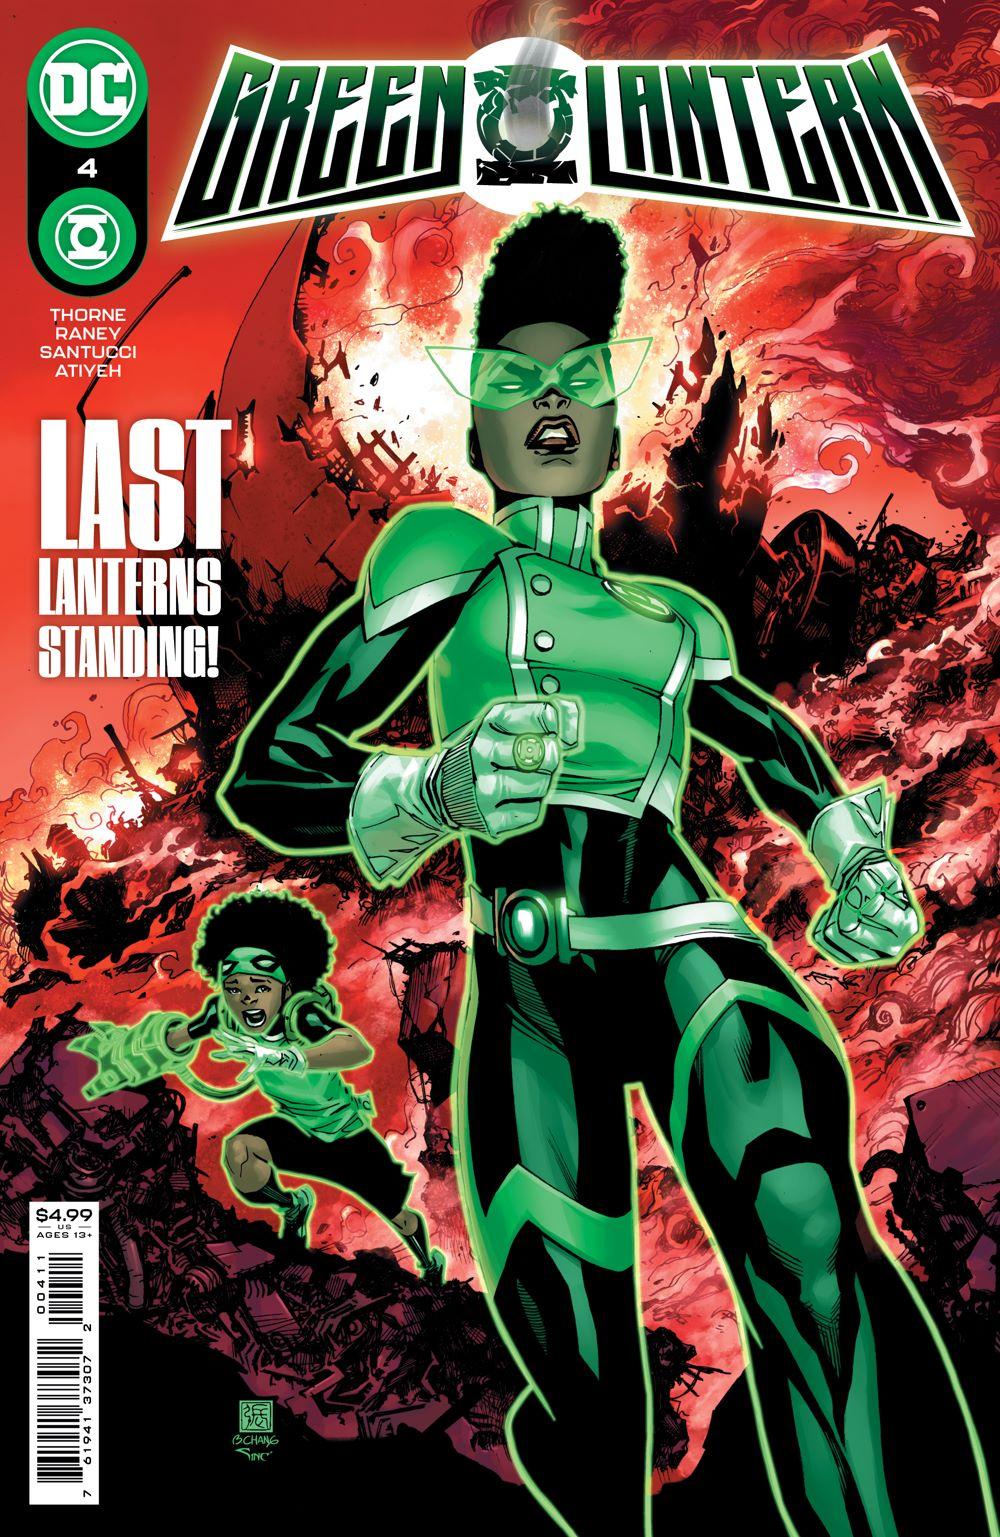 GL_Cv4 DC Comics July 2021 Solicitations